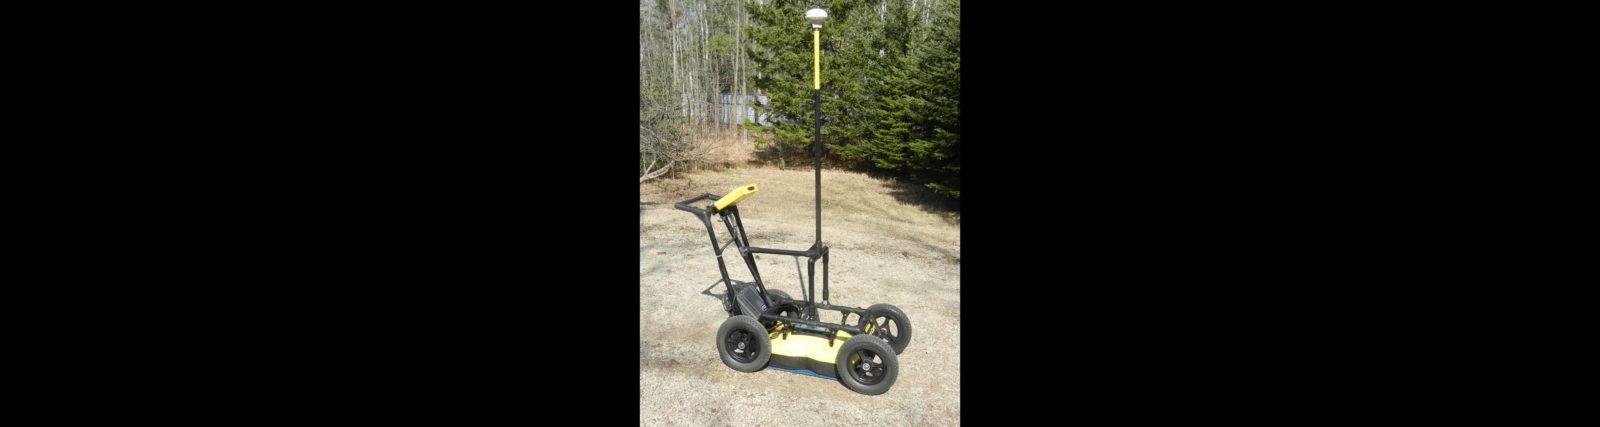 Noggin 250 GPR with GPS